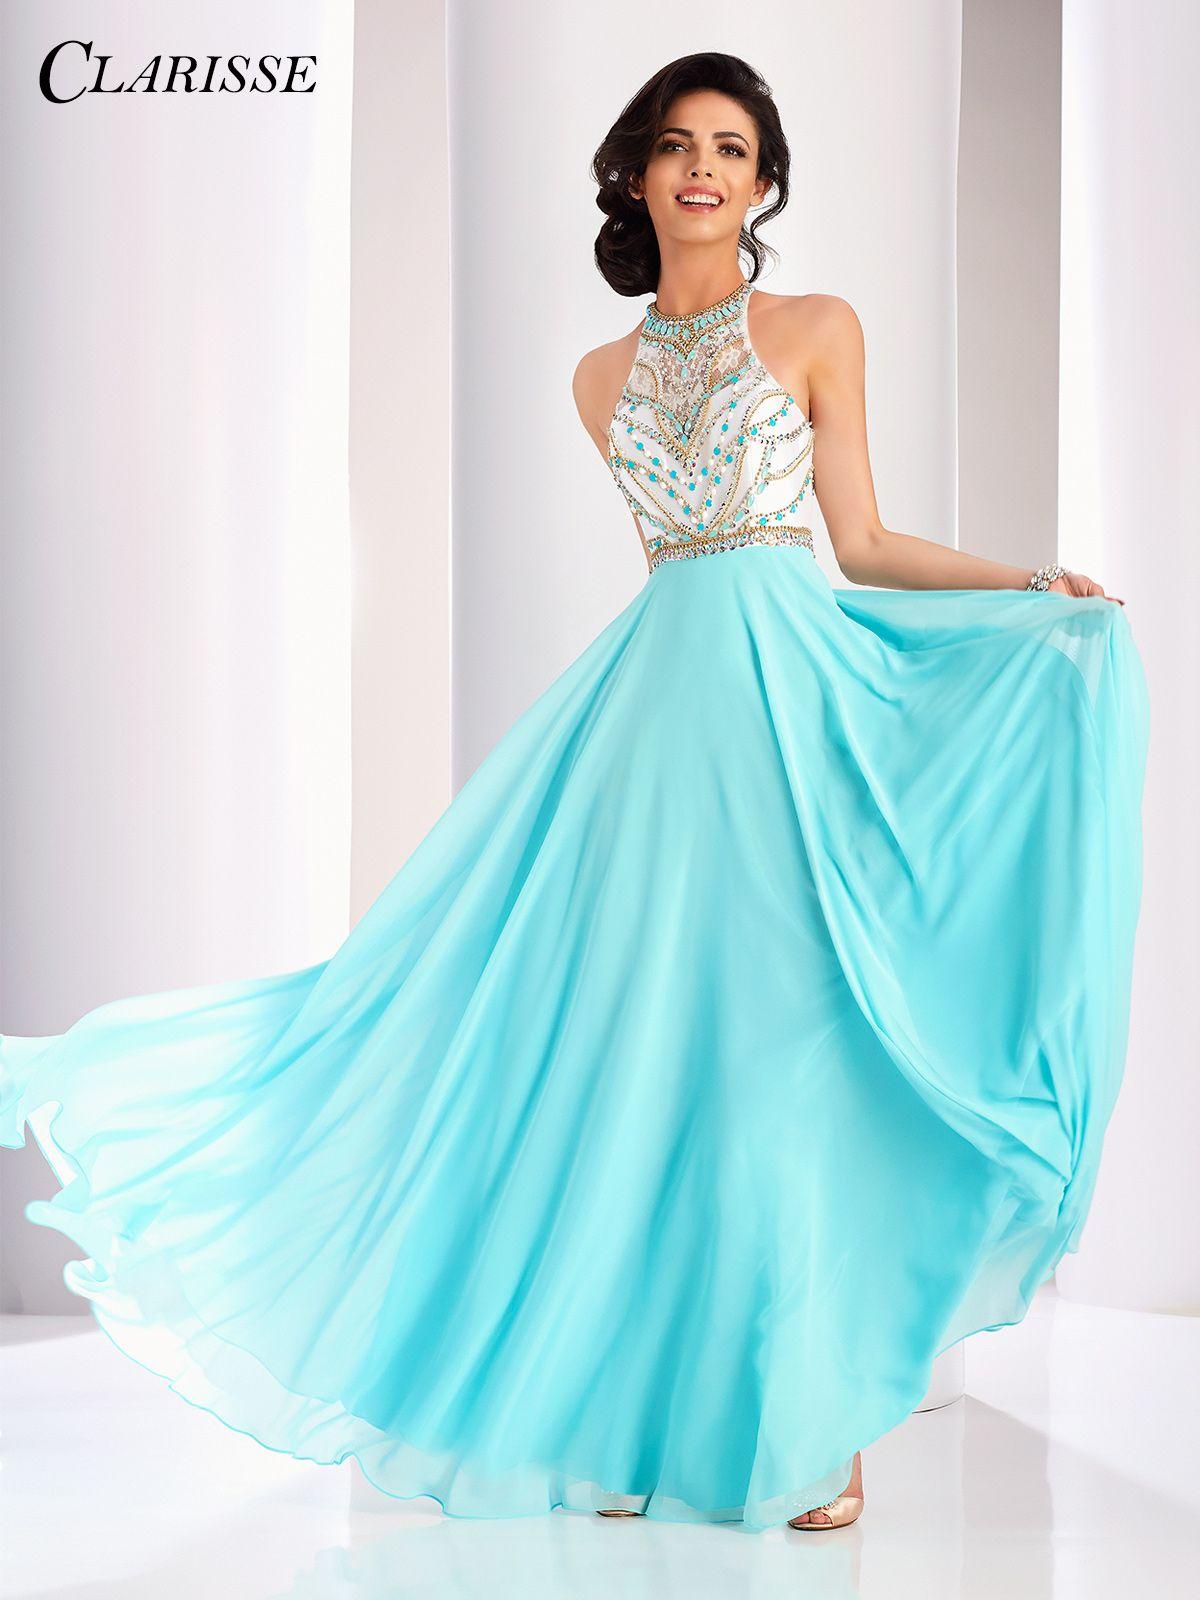 Clarisse Color Block Aline Prom Dress 3069  Unique